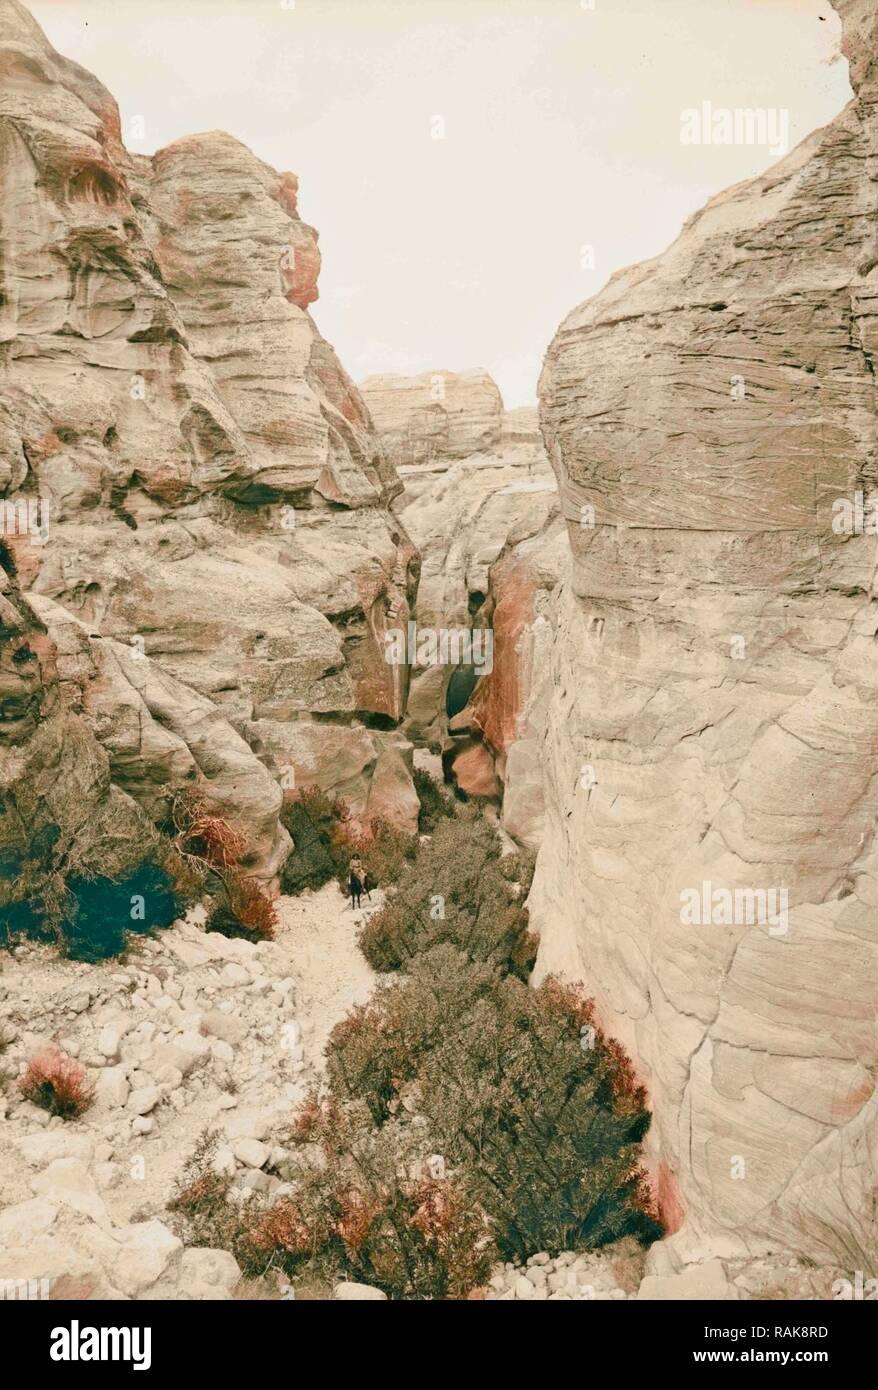 Petra en Transjordanie, Bab 1900 Es-Sik, Jordanie, Petra (éteint). Repensé par Gibon. L'art classique avec un style moderne repensé Photo Stock